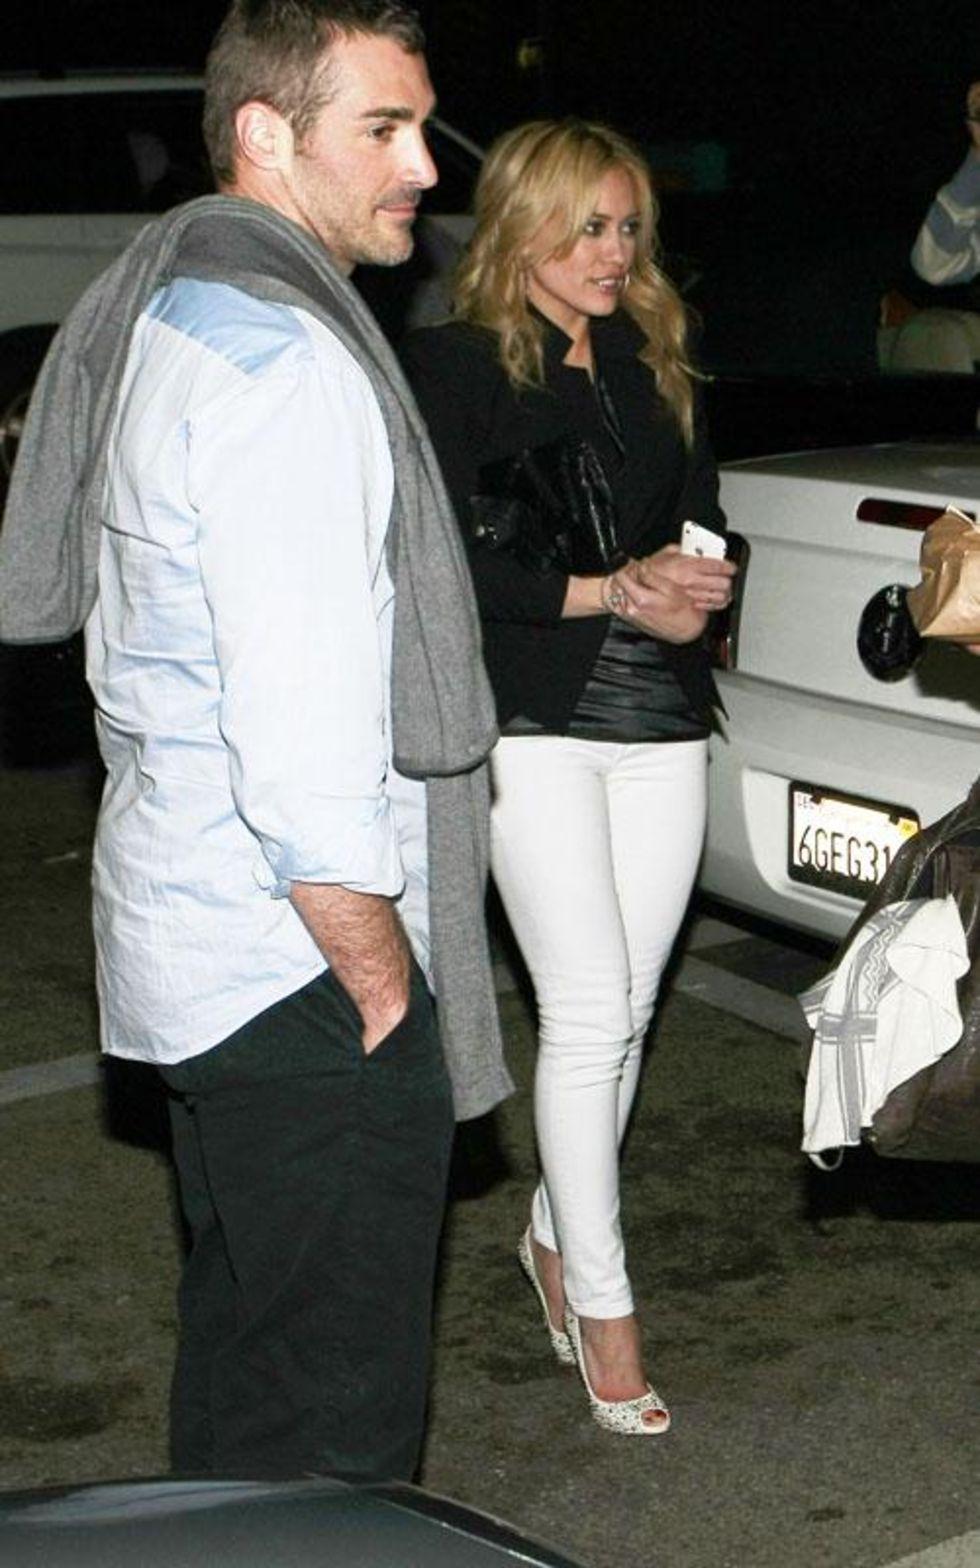 Hilary Duff 2010 : hilary-duff-leggy-in-white-tight-pants-01